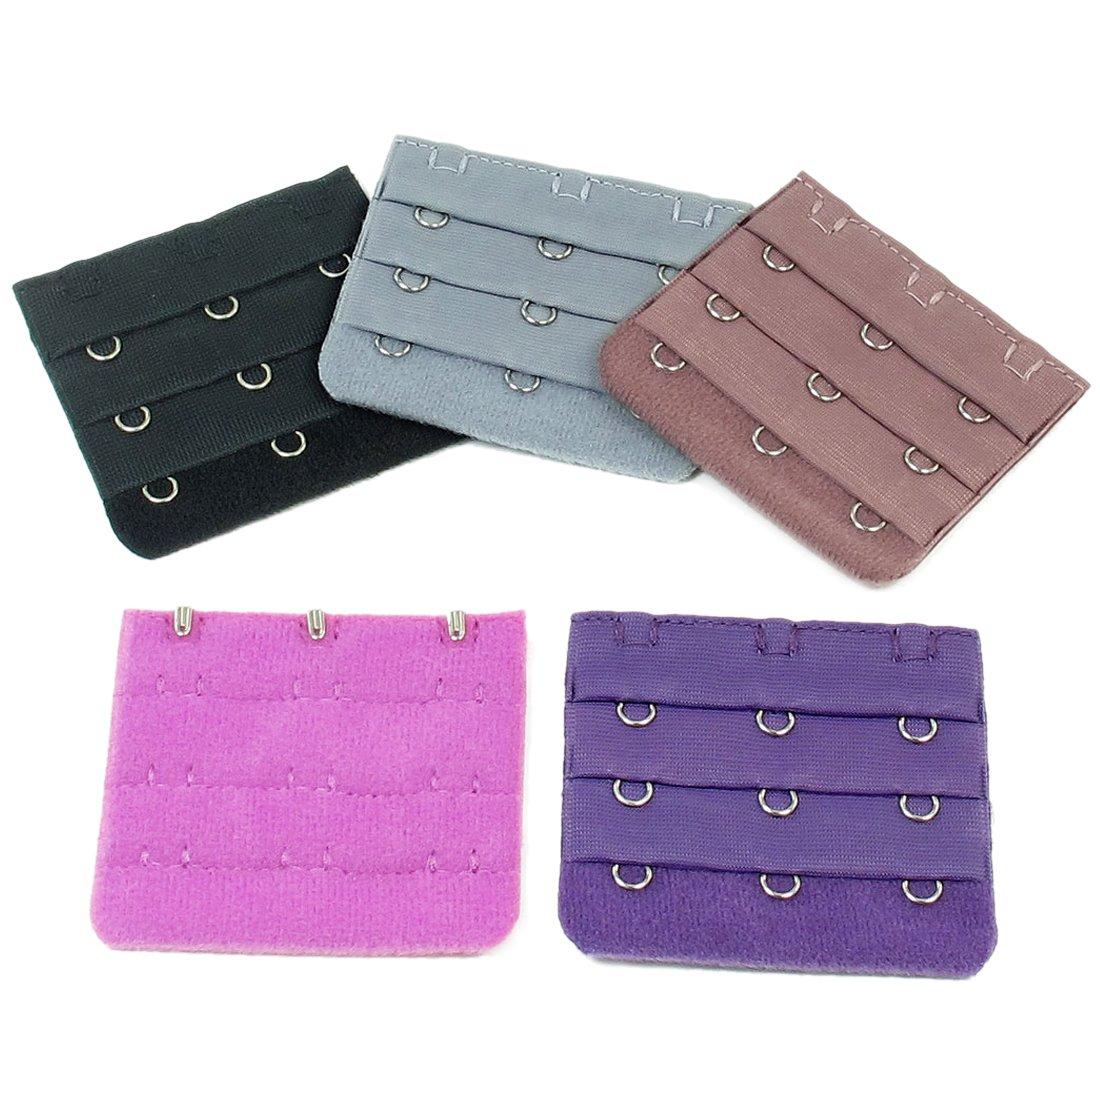 5pcs Lady Underware Hook w Eye Tape Bra Strap Extender Purple Gray Fuchsia